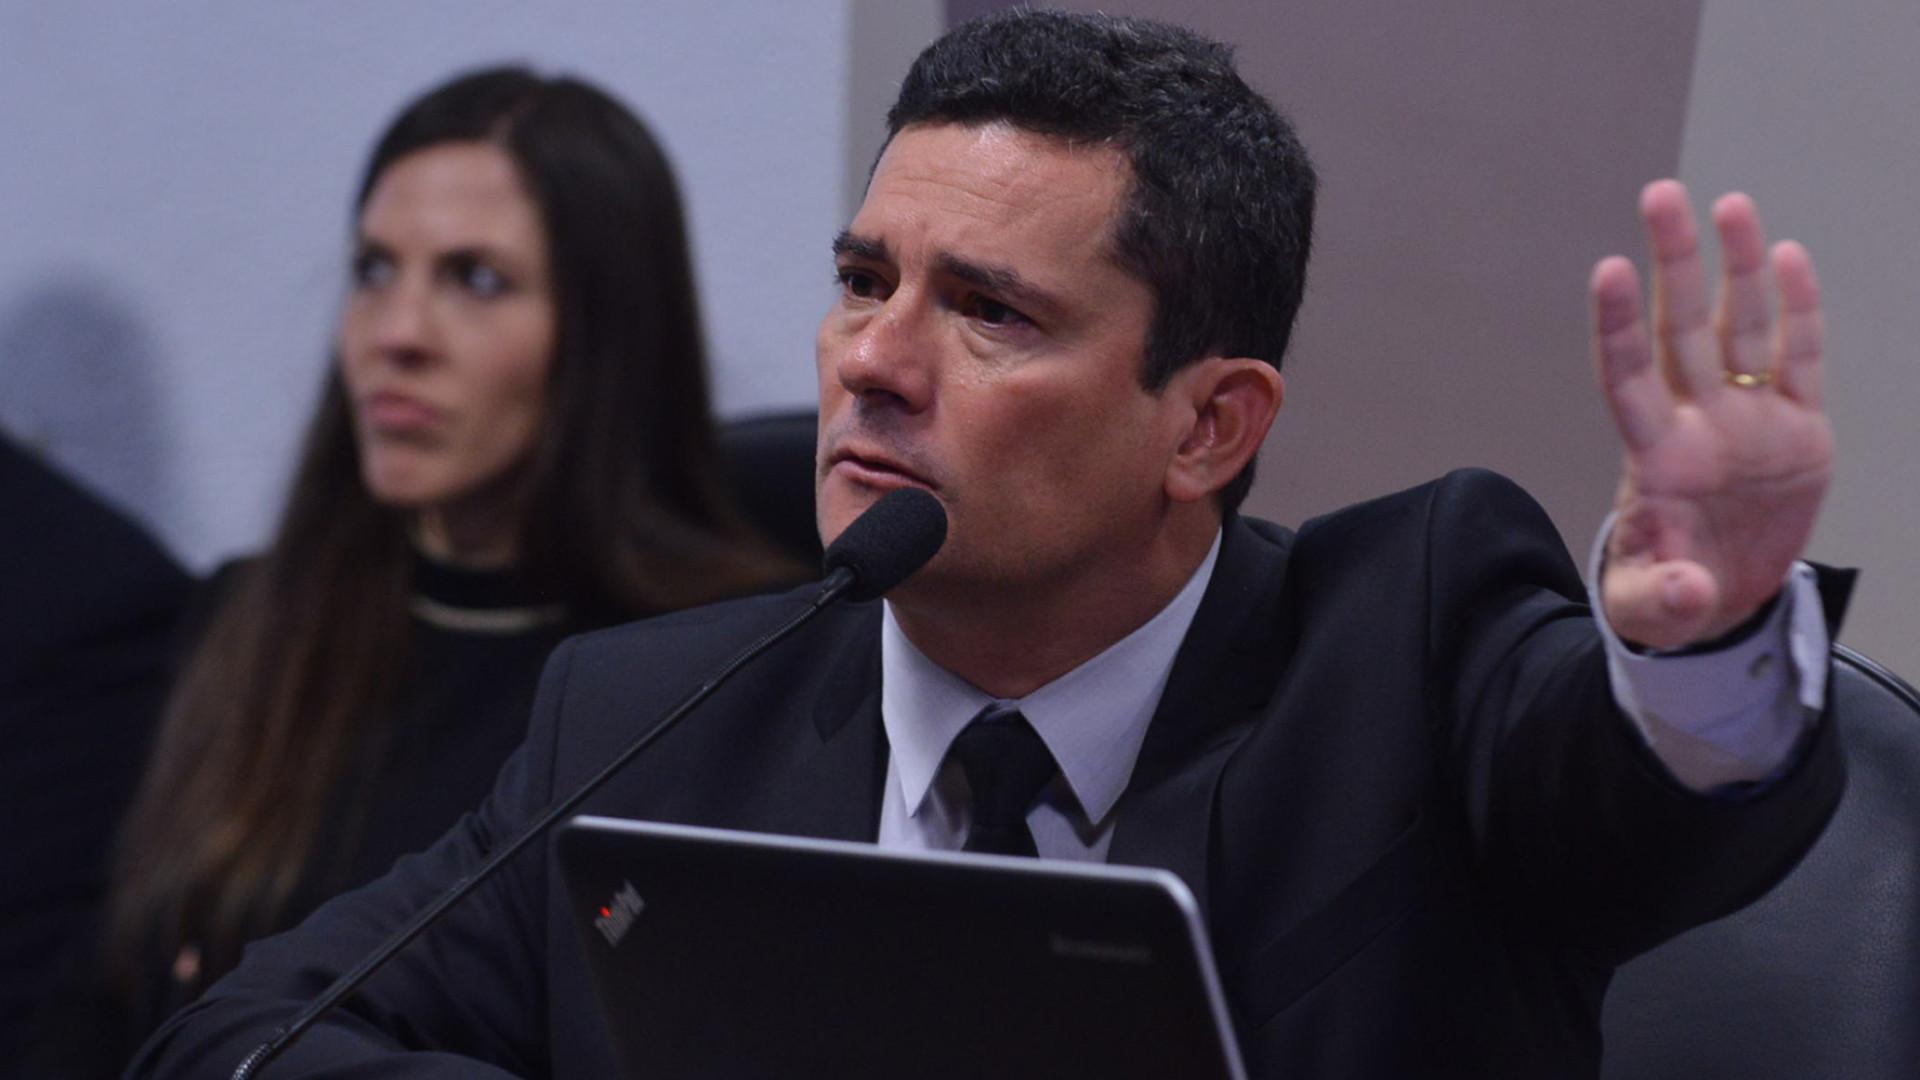 'Pornografia infantil não pode ser tolerada', diz Moro sobre operação